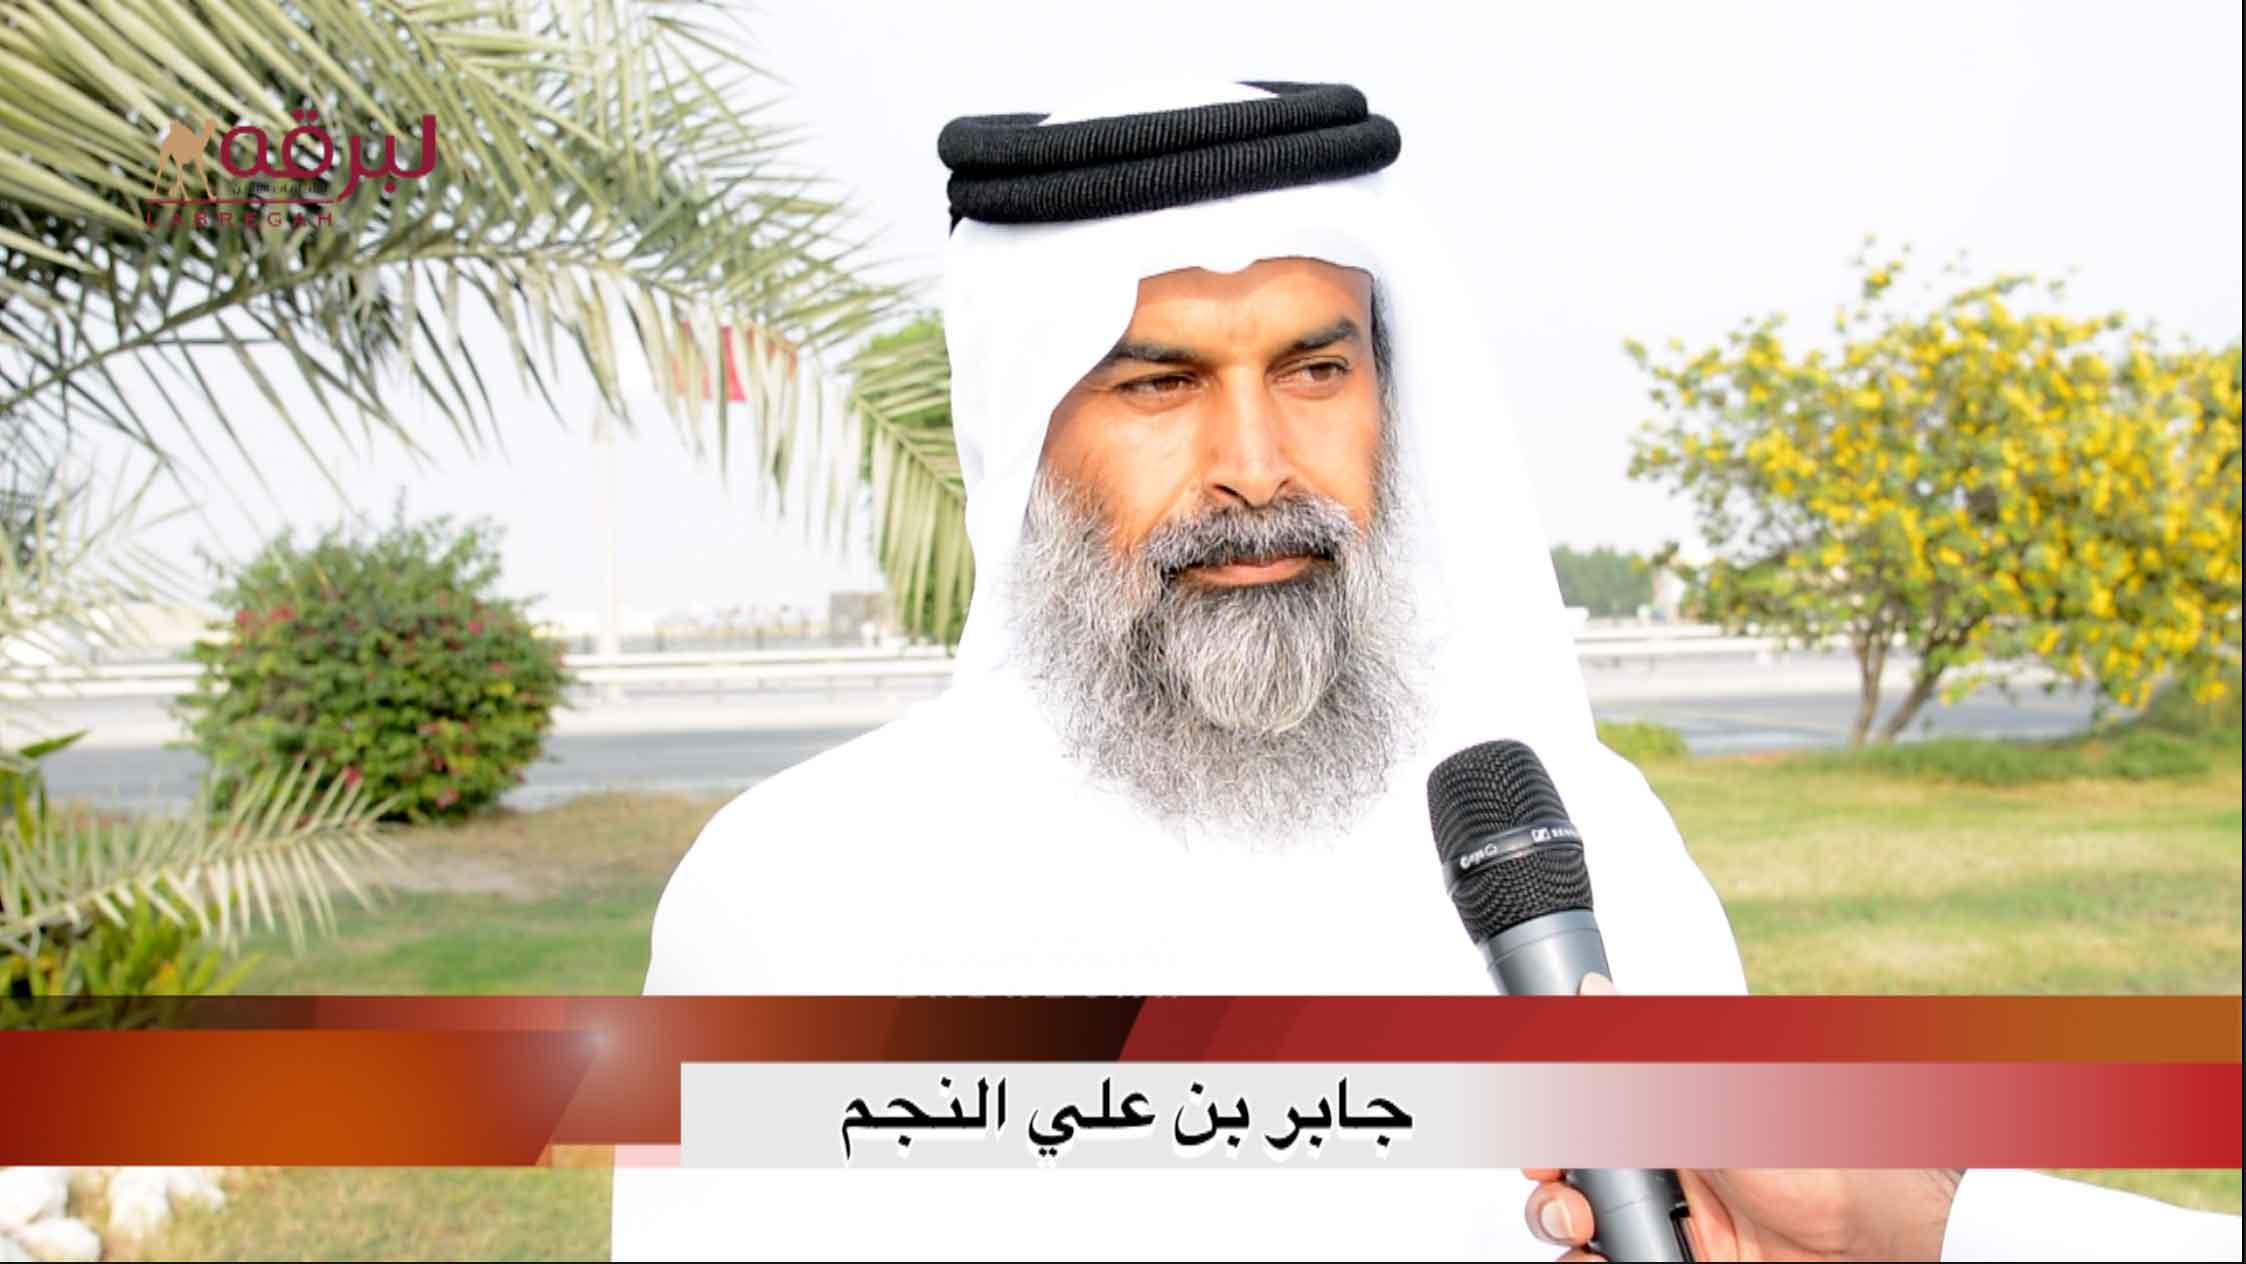 لقاء مع جابر بن علي النجم.. الشلفة الذهبية للقايا بكار « إنتاج » الأشواط المفتوحة ٣٠-١١-٢٠٢٠